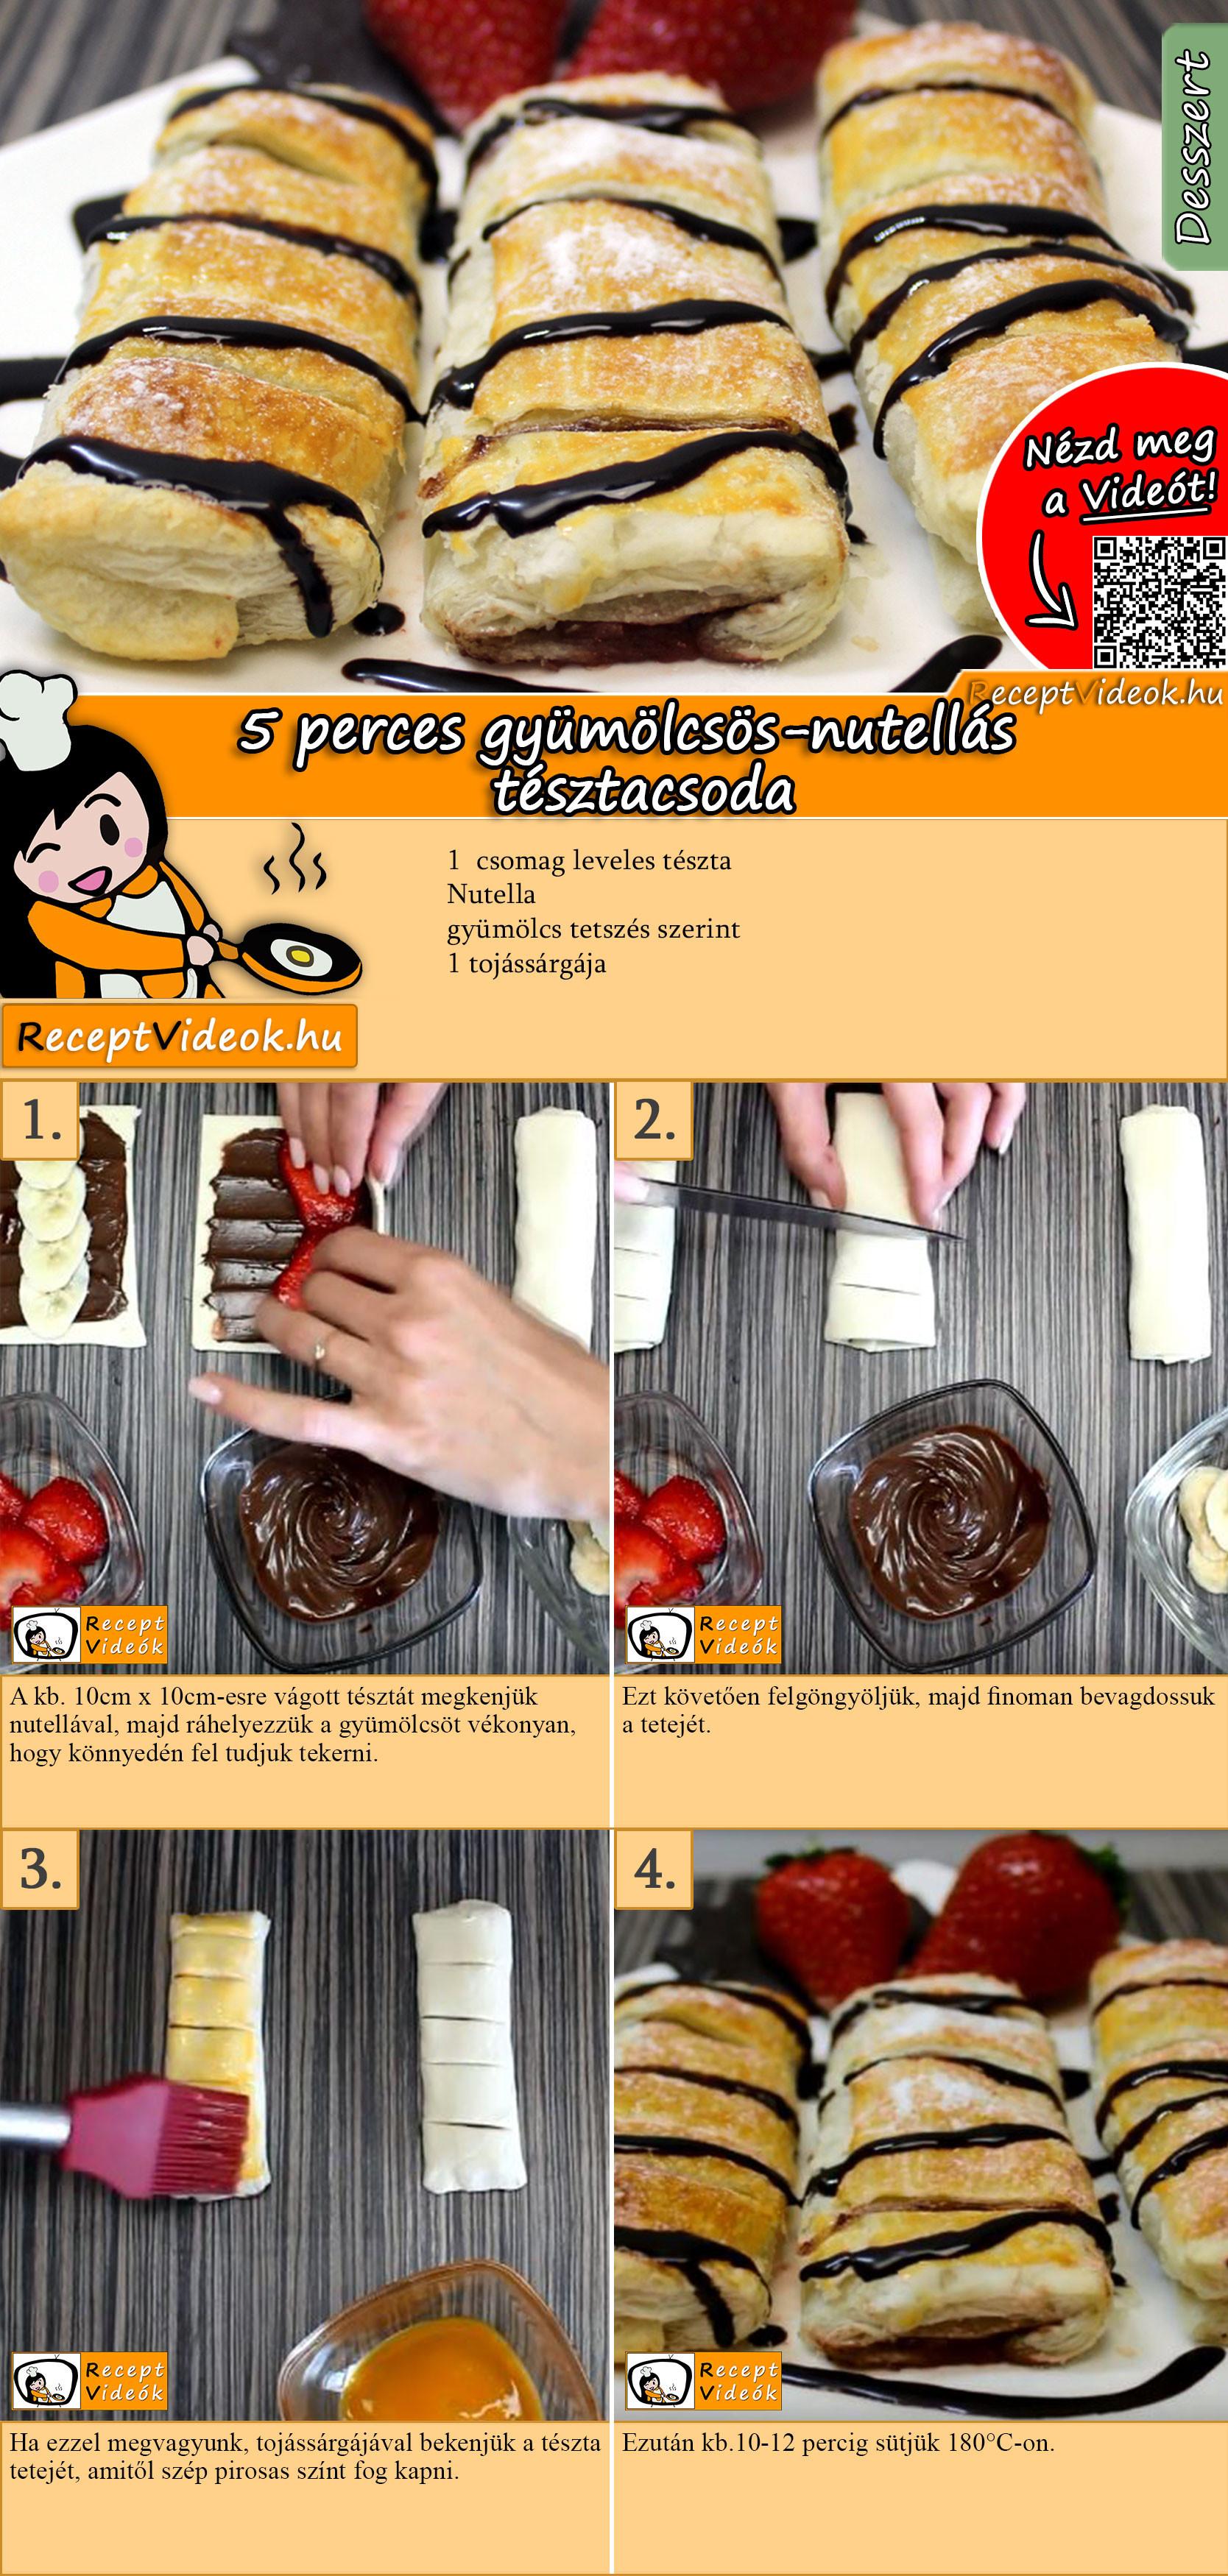 5 perces gyümölcsös-nutellás tésztacsoda recept elkészítése videóval